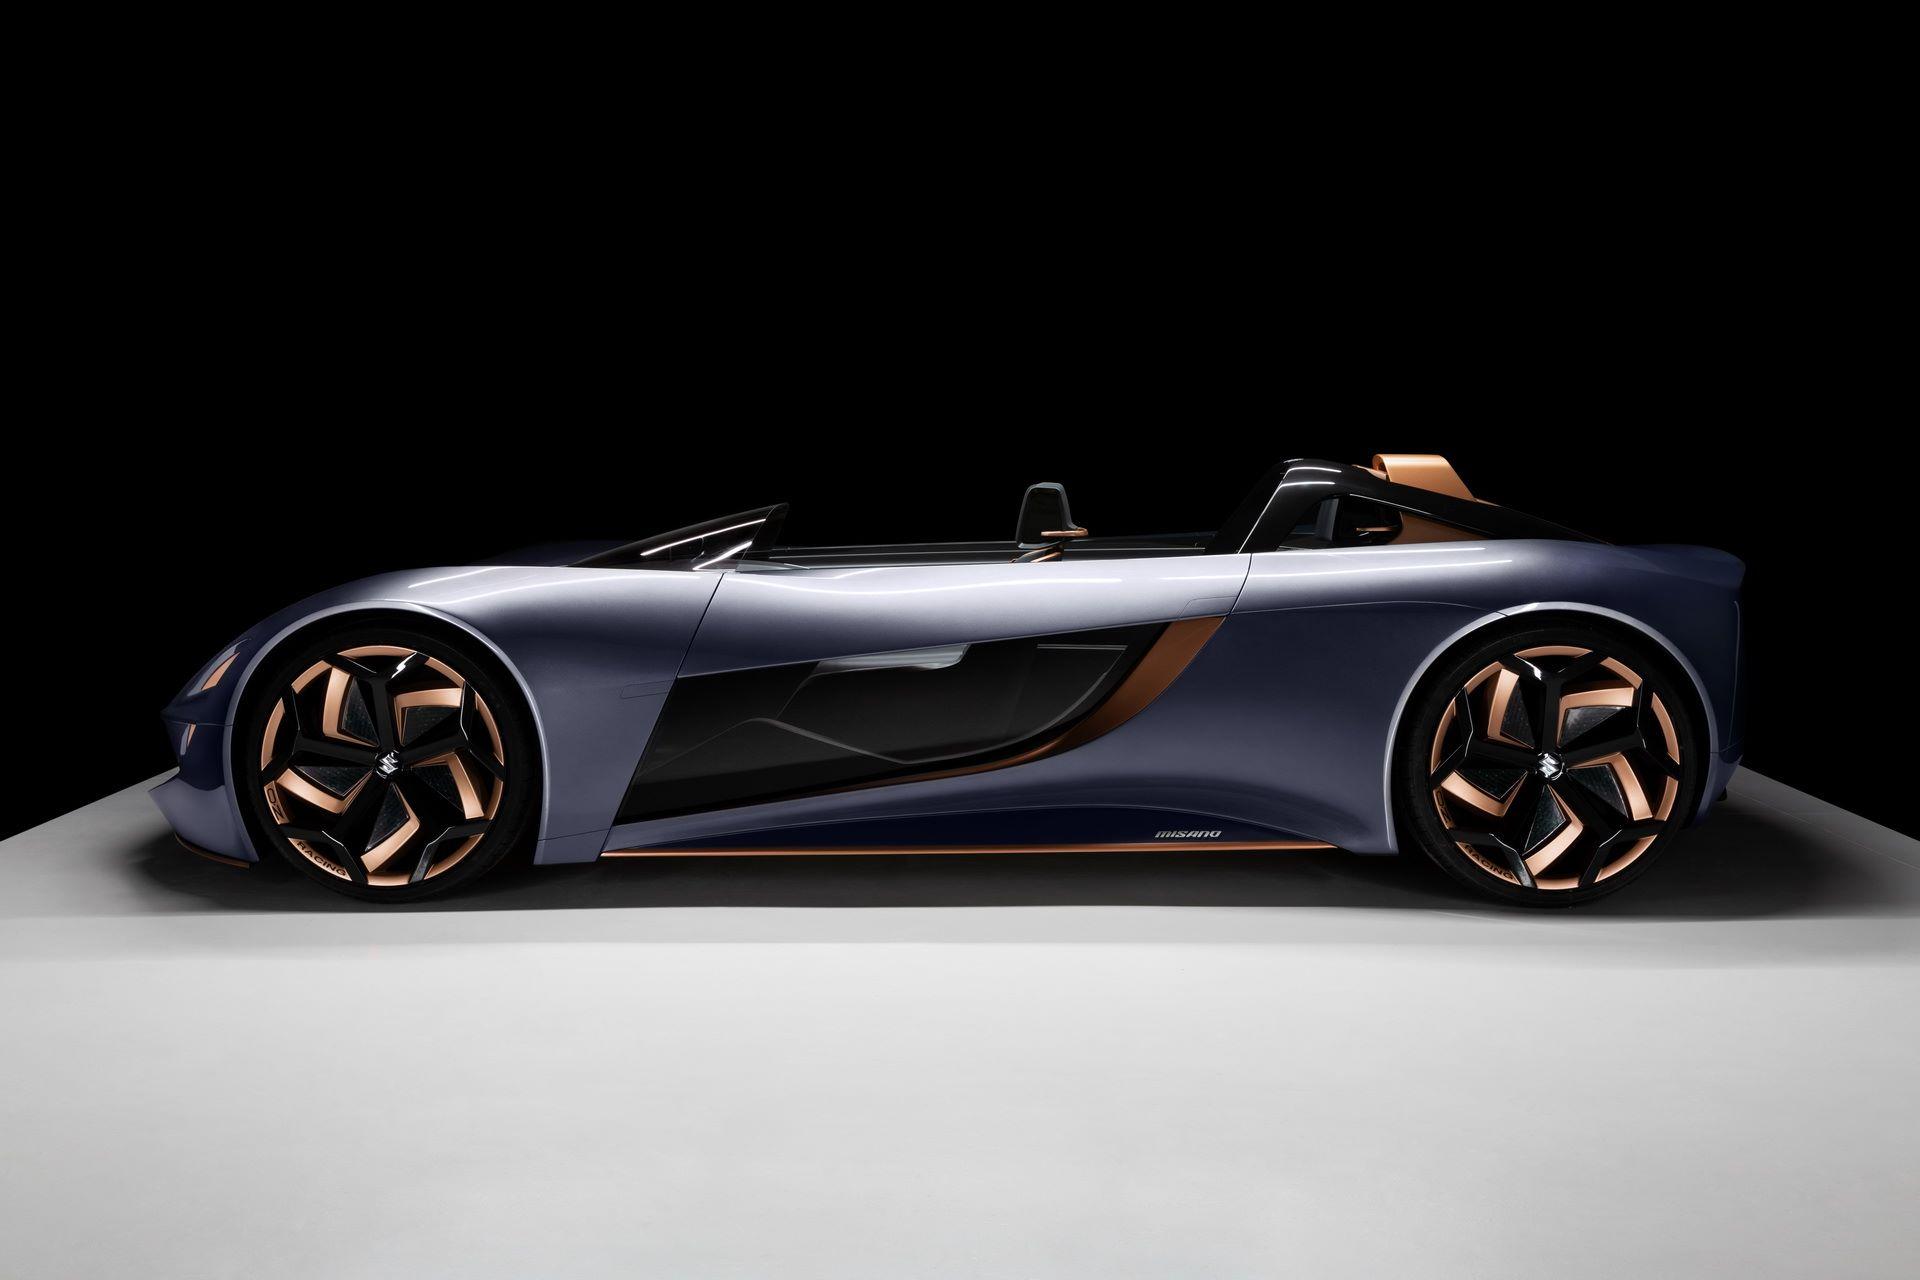 Suzuki-Misano-Concept-IED-11